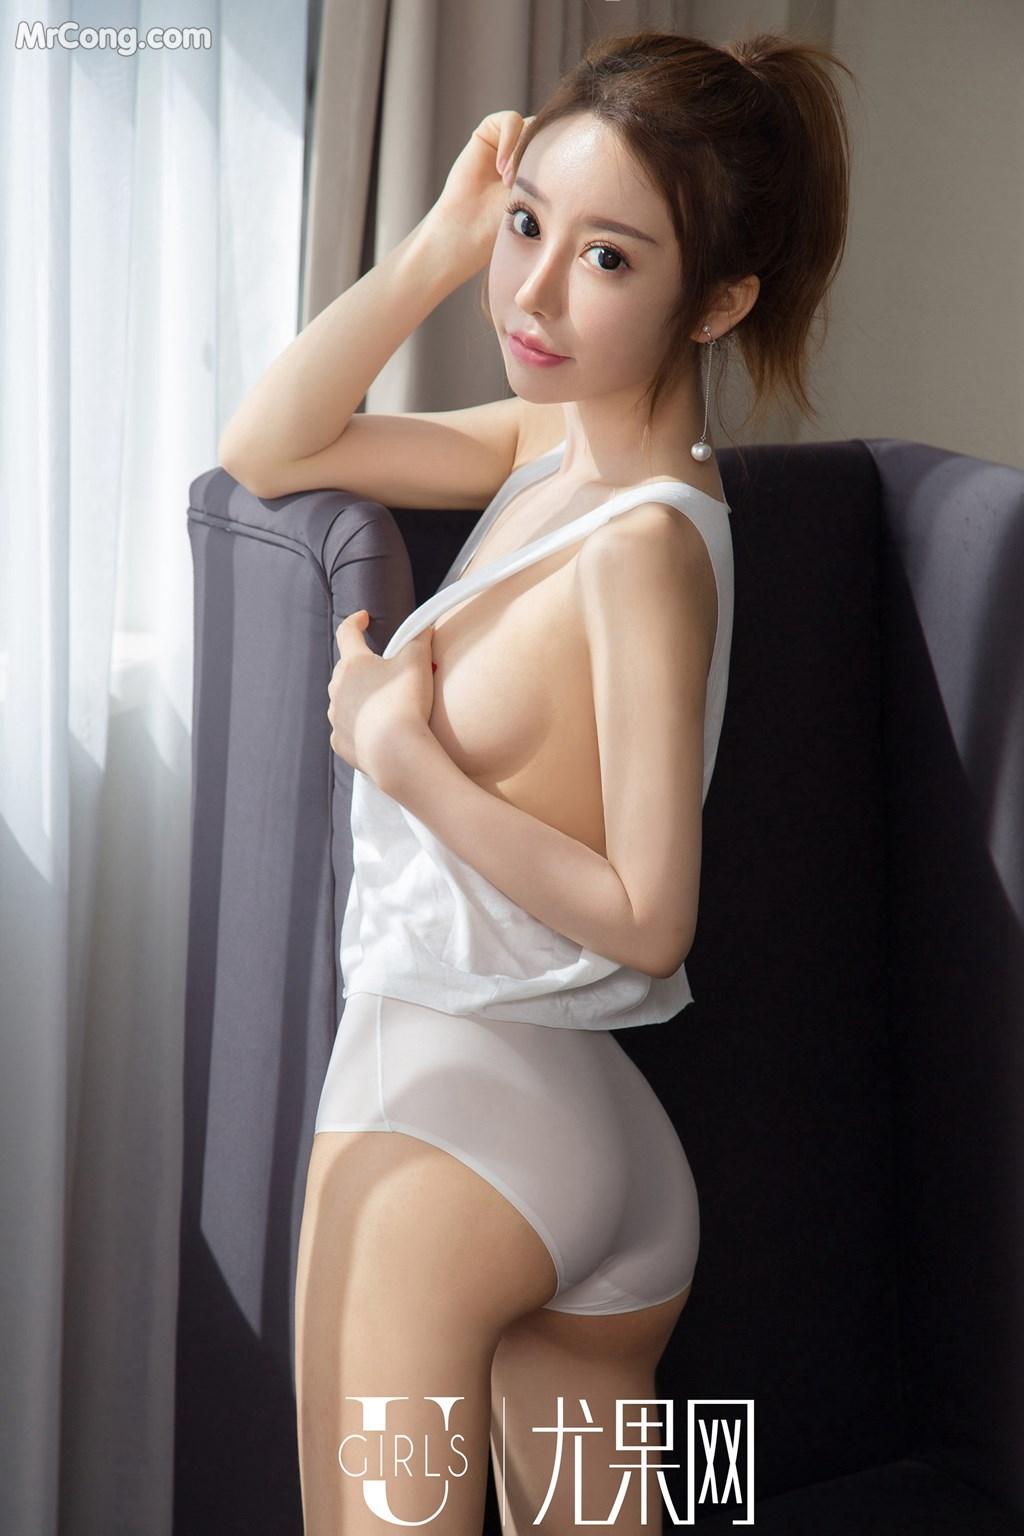 Image UGIRLS-U406-Xia-Yao-MrCong.com-009 in post UGIRLS U406: Người mẫu Xia Yao (夏瑶) (66 ảnh)